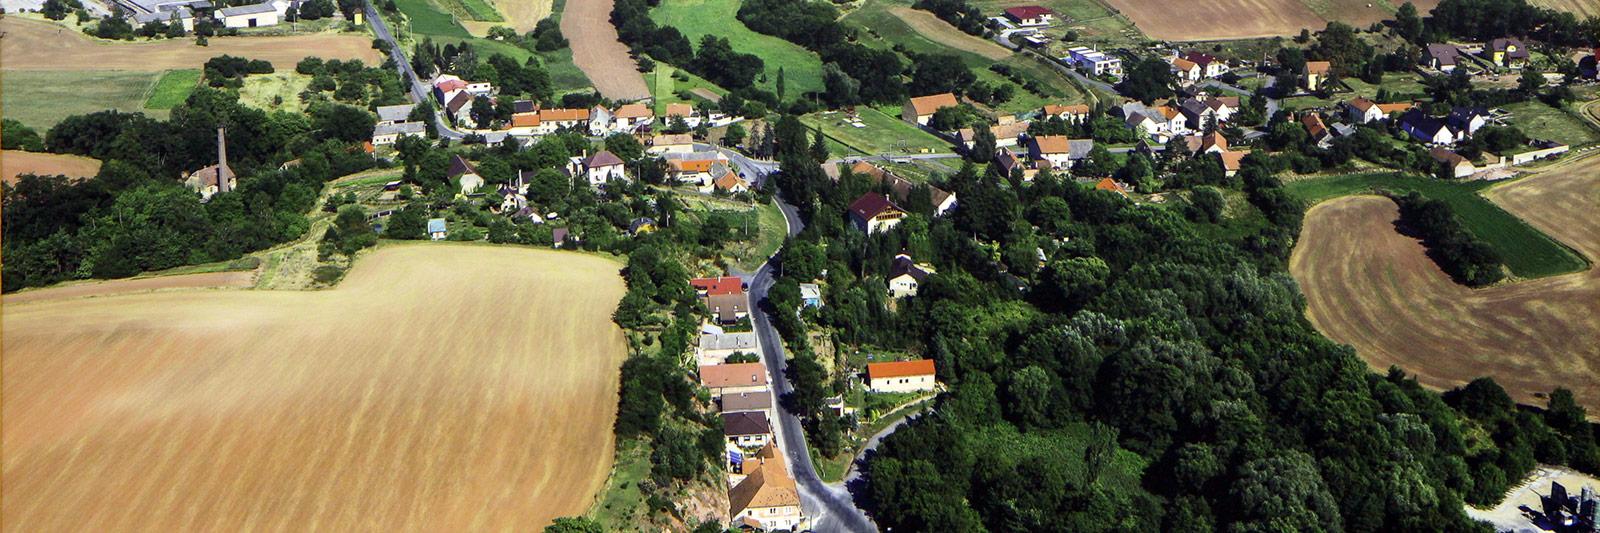 Návrh rozpočtu na rok 2012 - obec Kutrovice